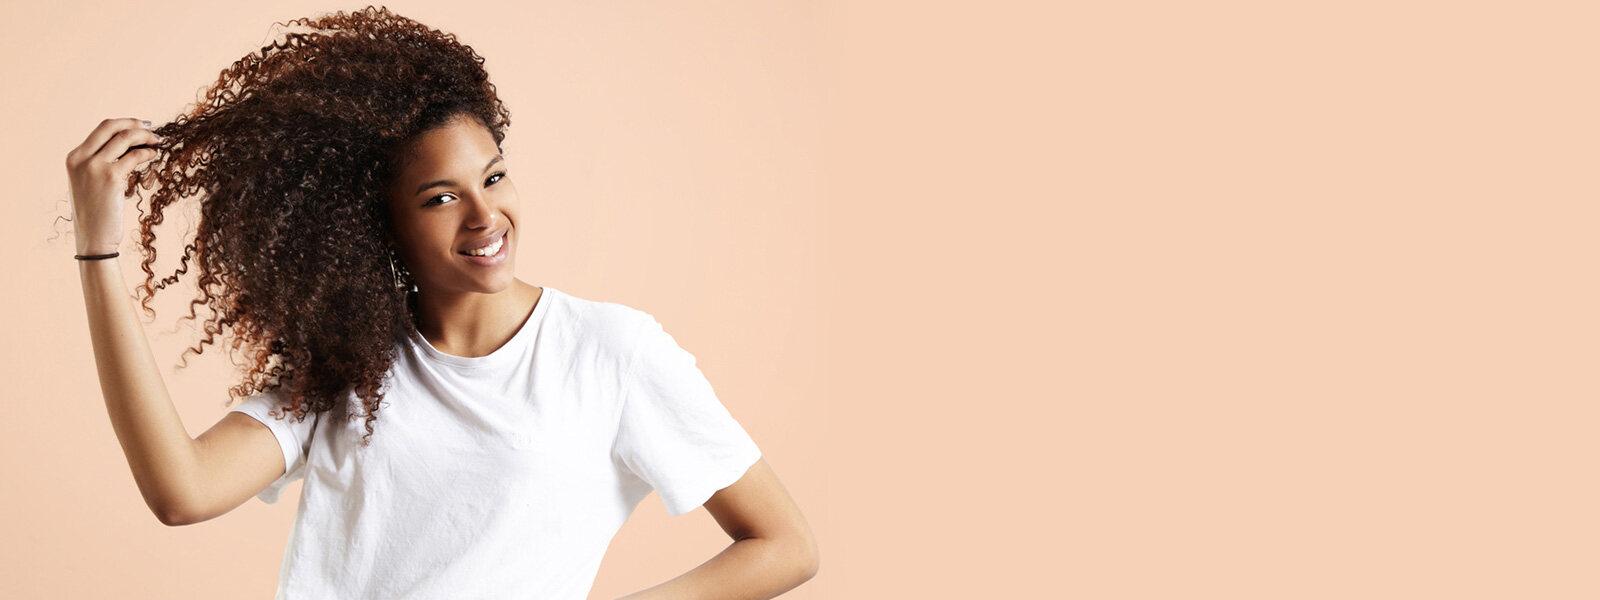 femme aux cheveux noirs bouclés vêtue d'un t-shirt blanc